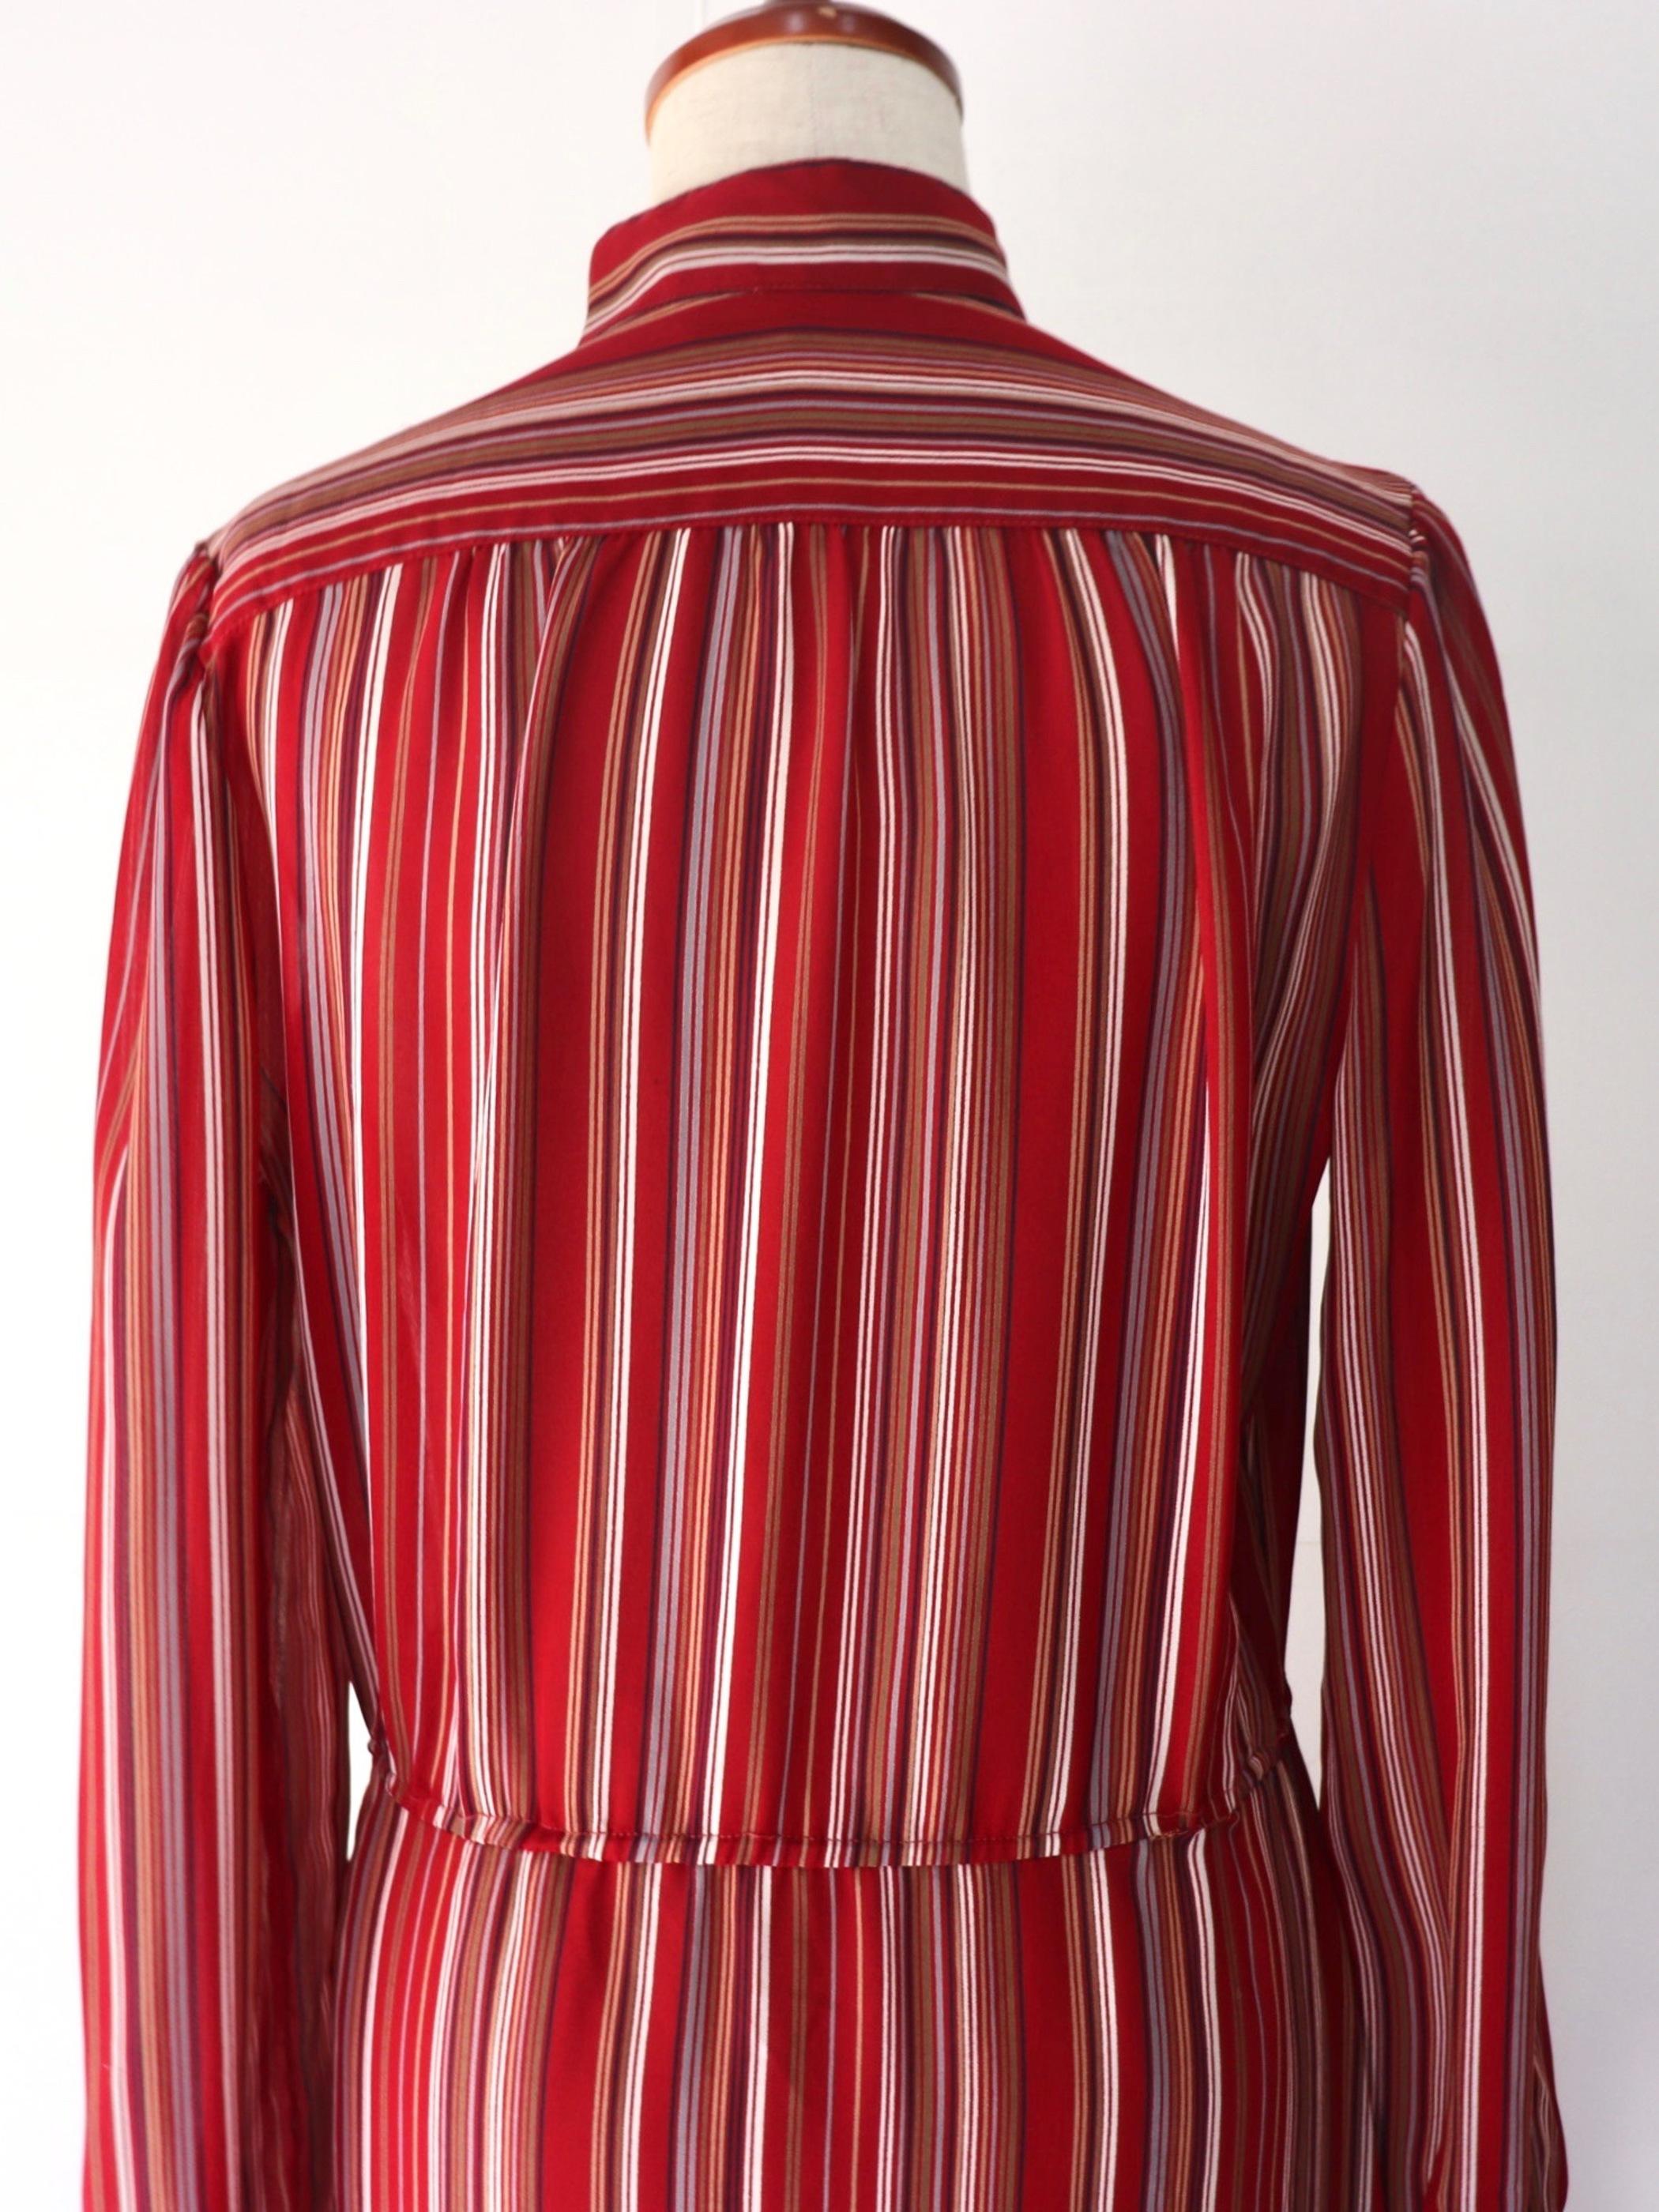 【MARKET】Stand collar mulch stripe one-piece